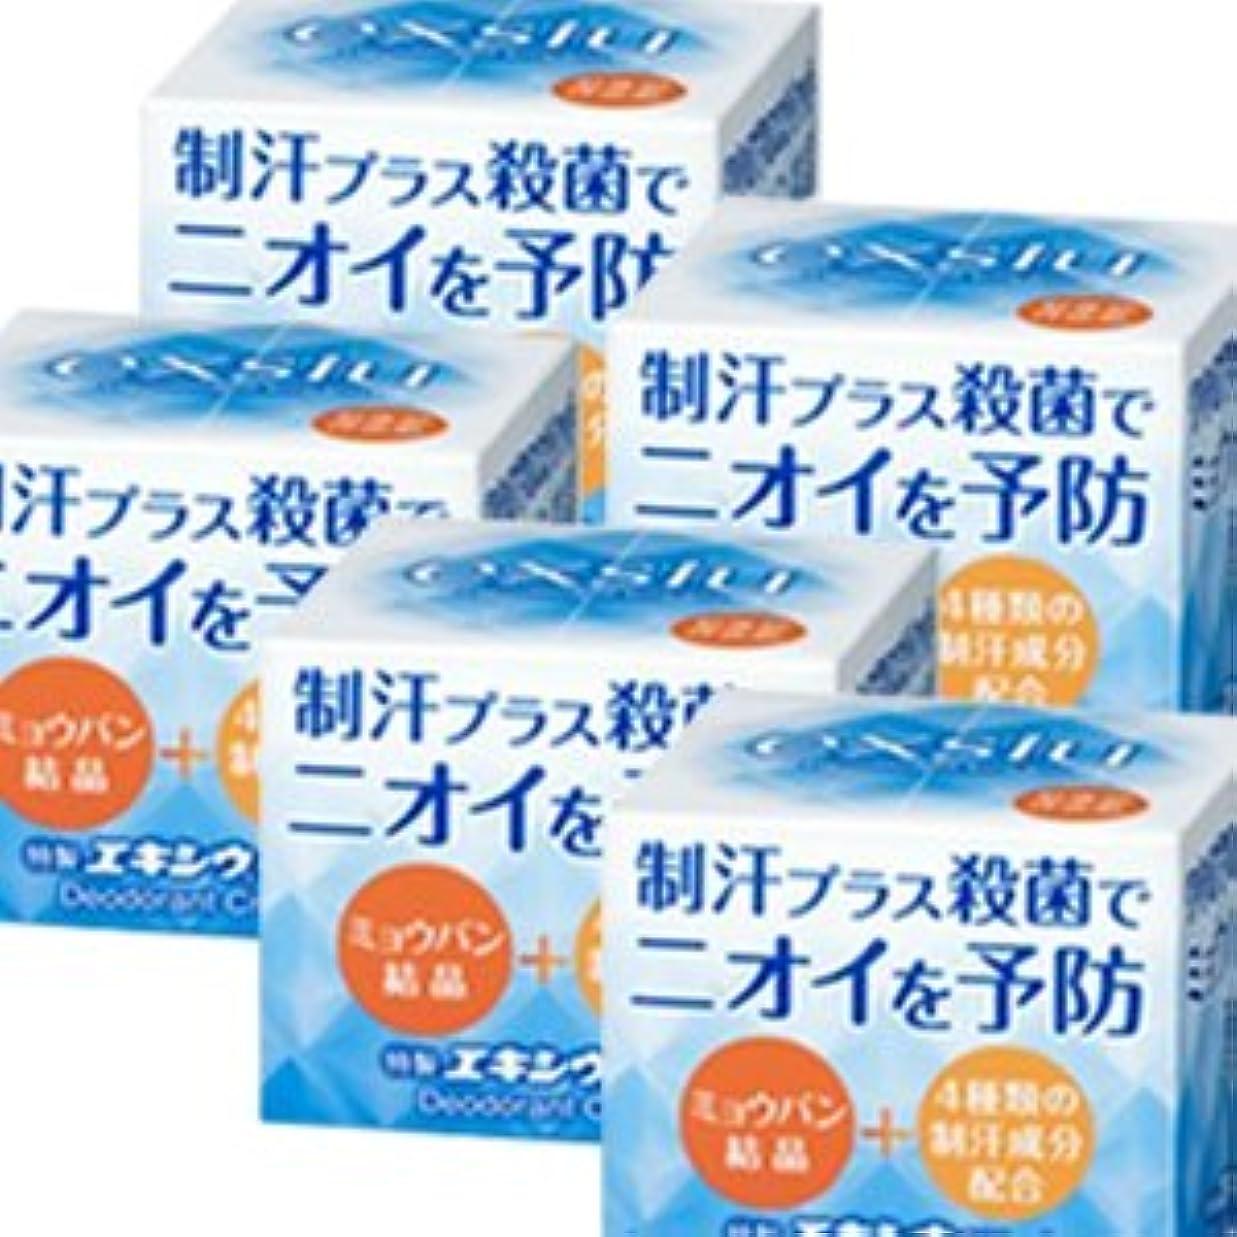 顕著音楽を聴く重要【5個】 特製エキシウクリーム 30gx5個 (4987145200228)